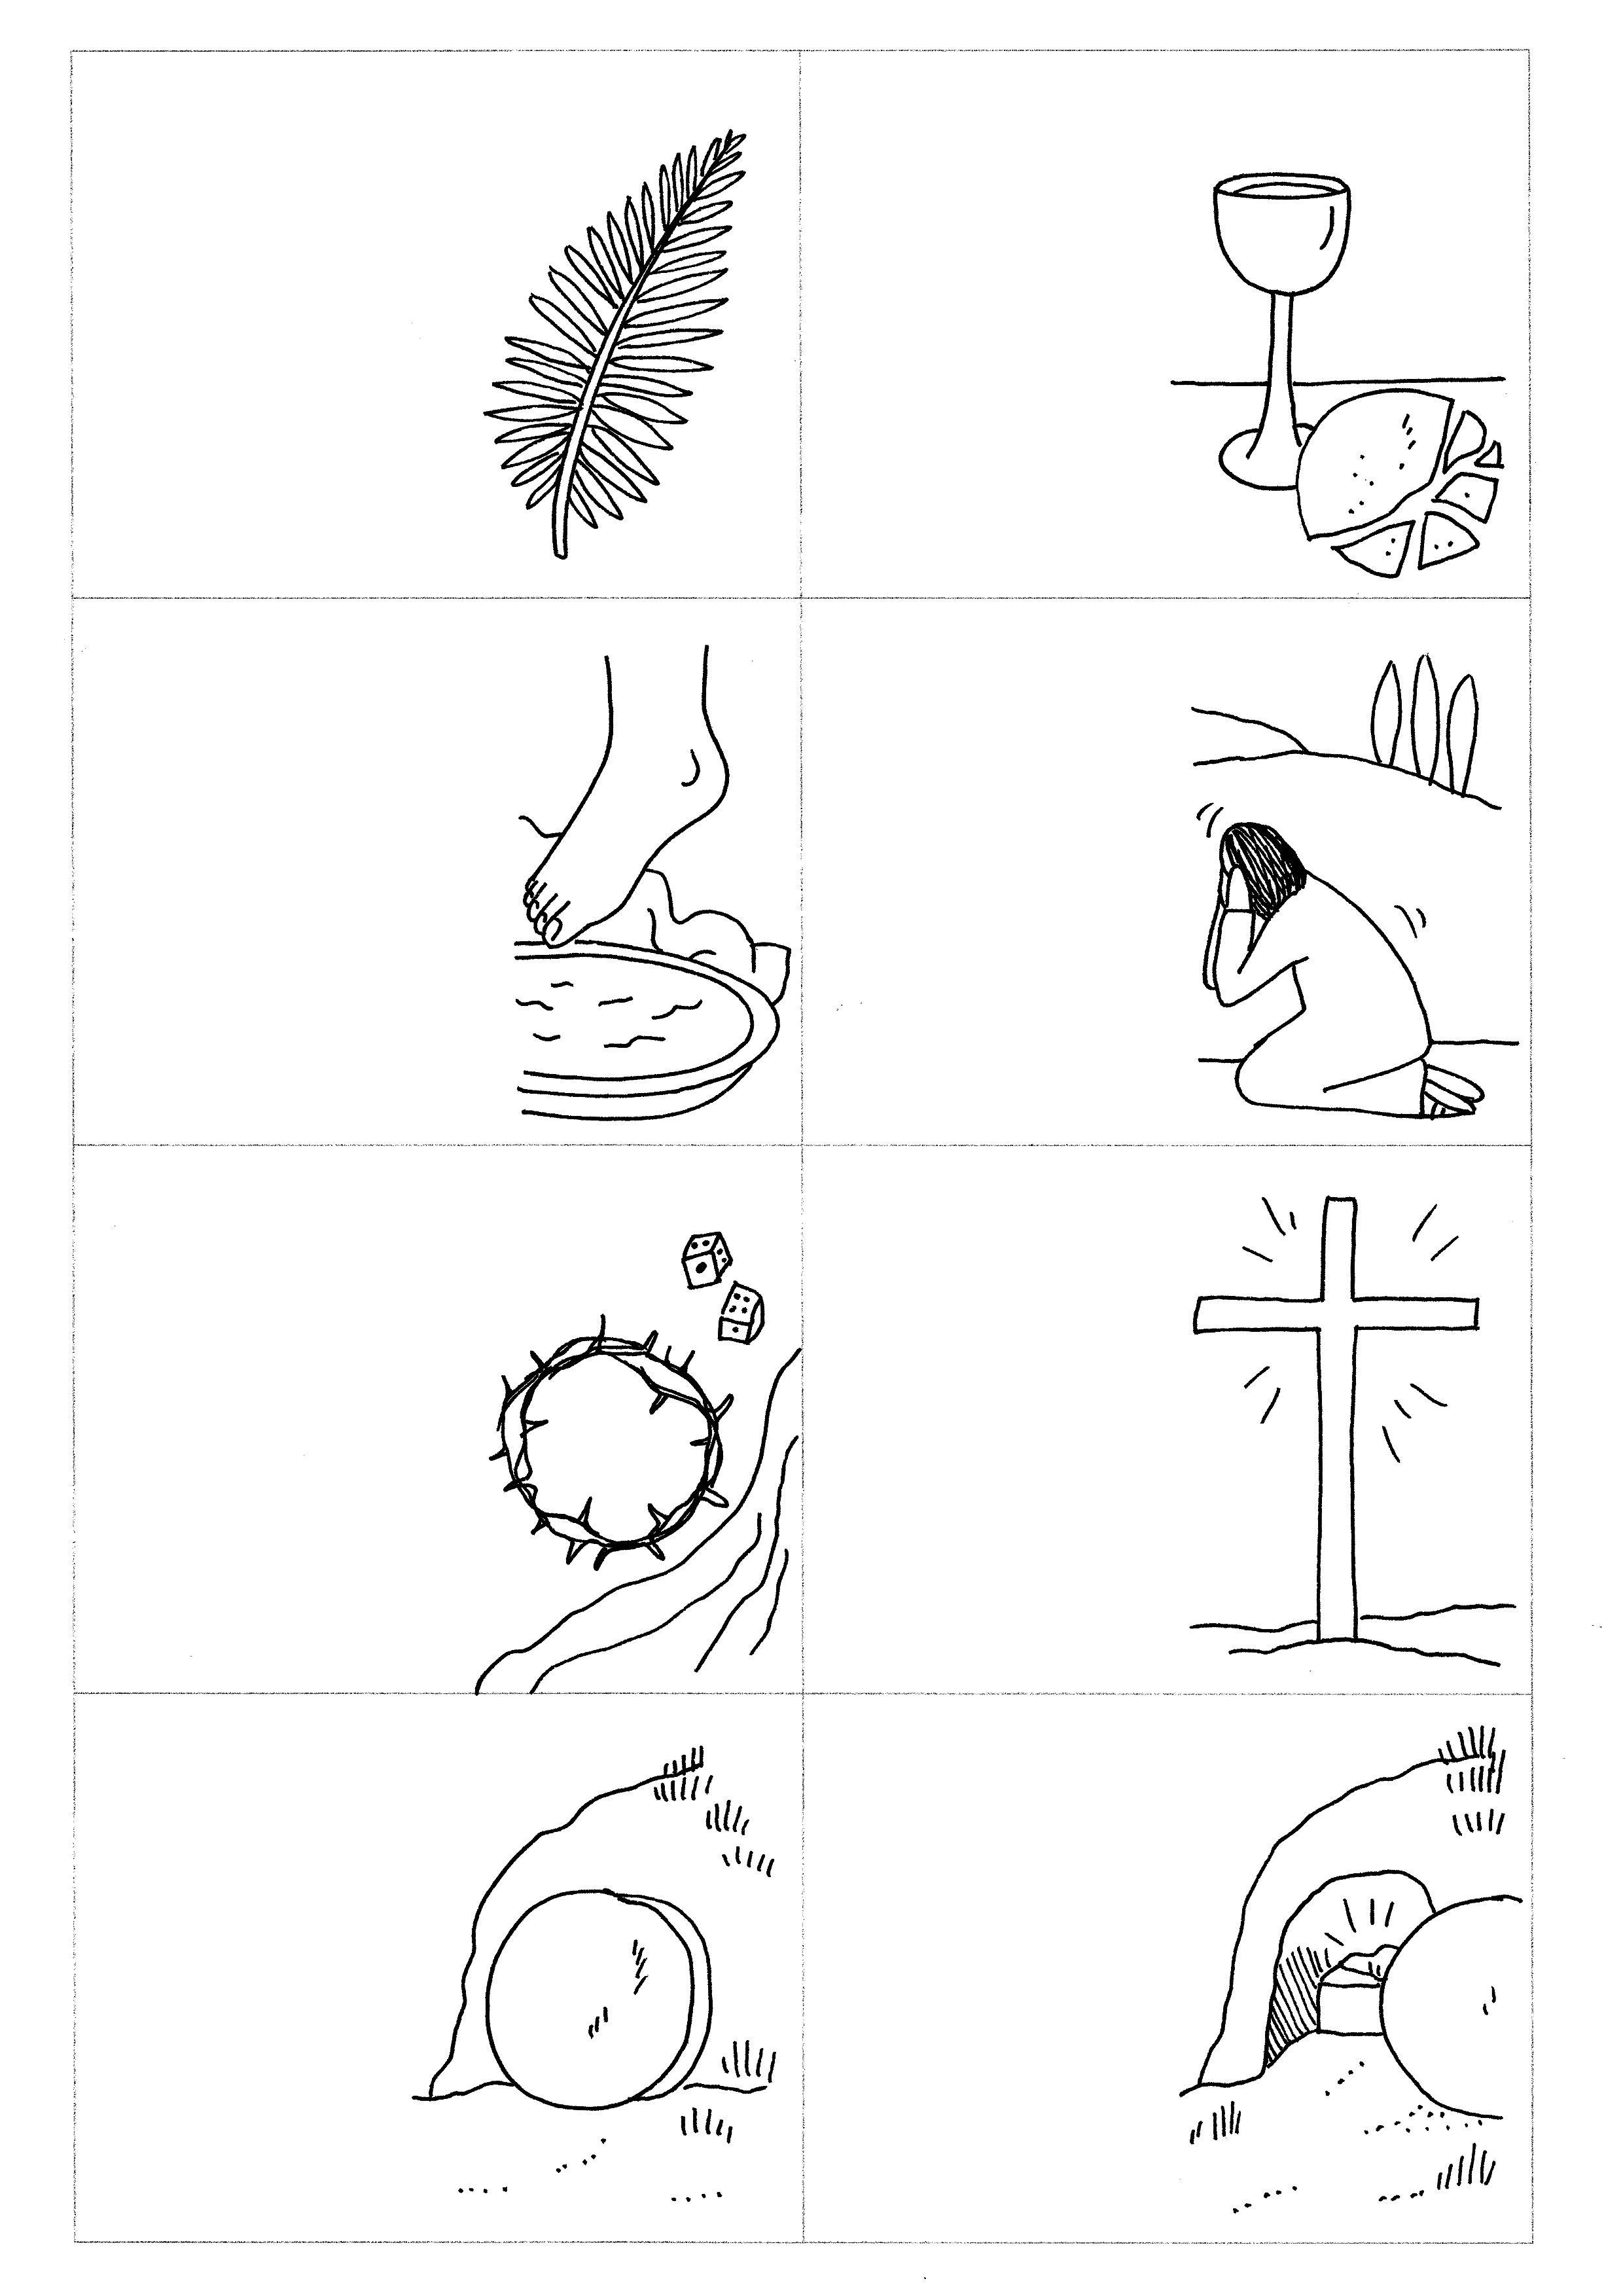 ausmalbilder ostern auferstehung  aglhk